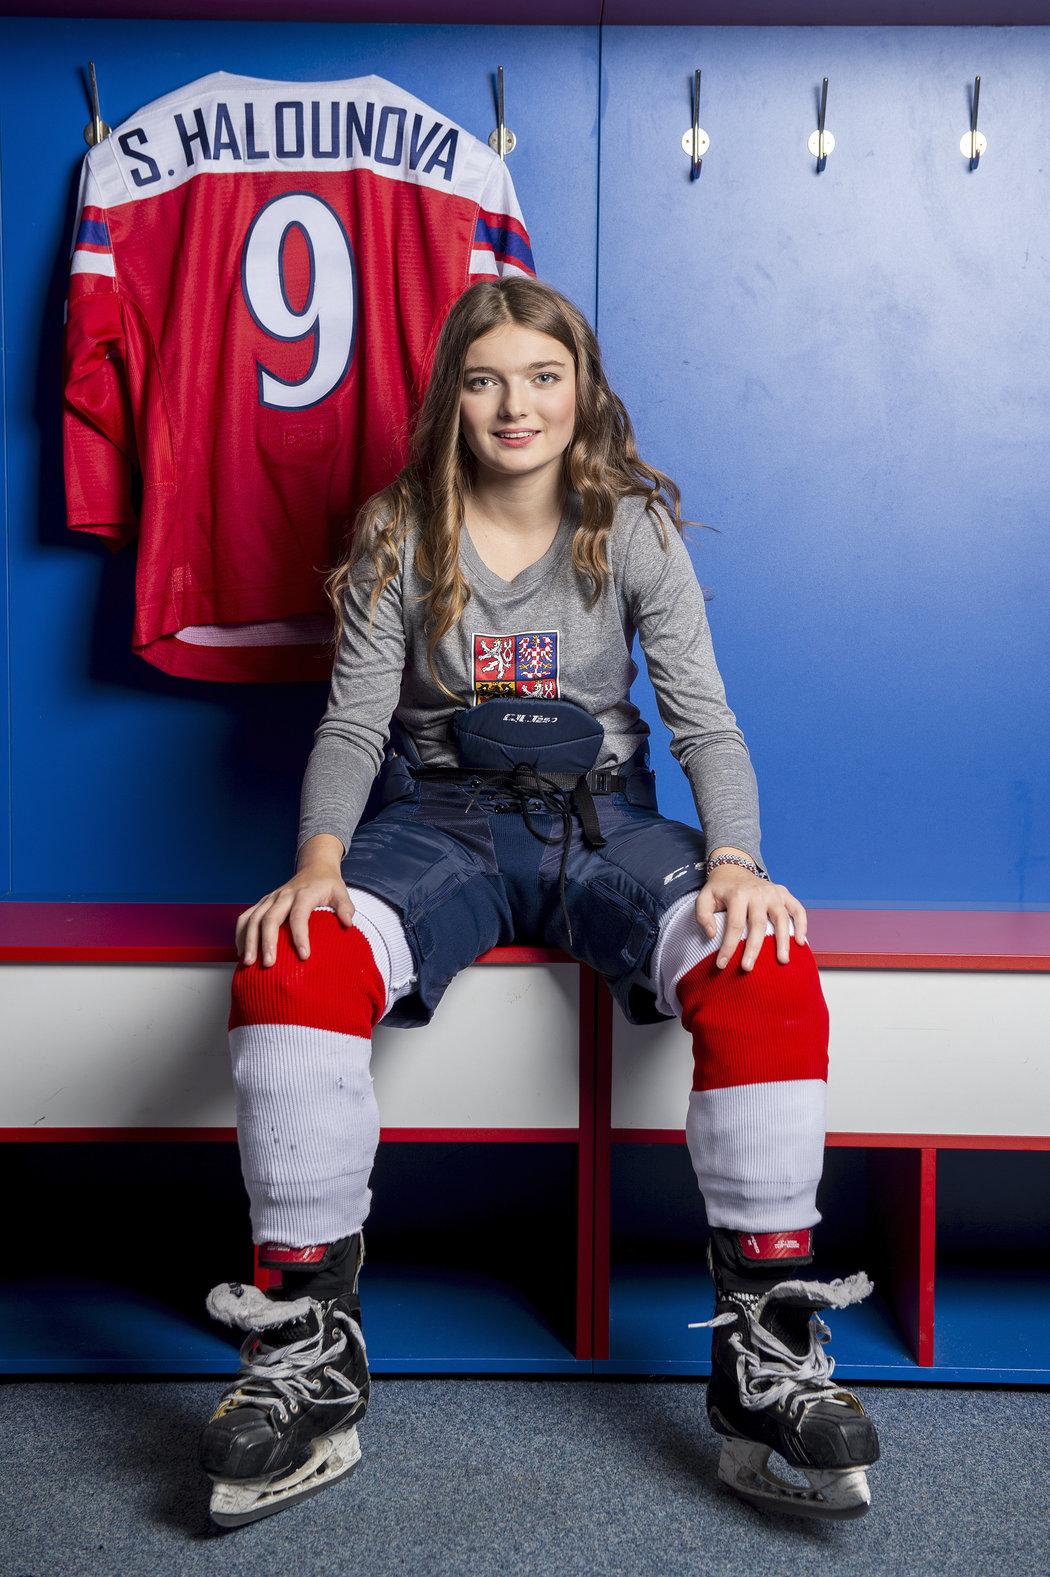 Vycházející star českého hokeje Sandra Halounová